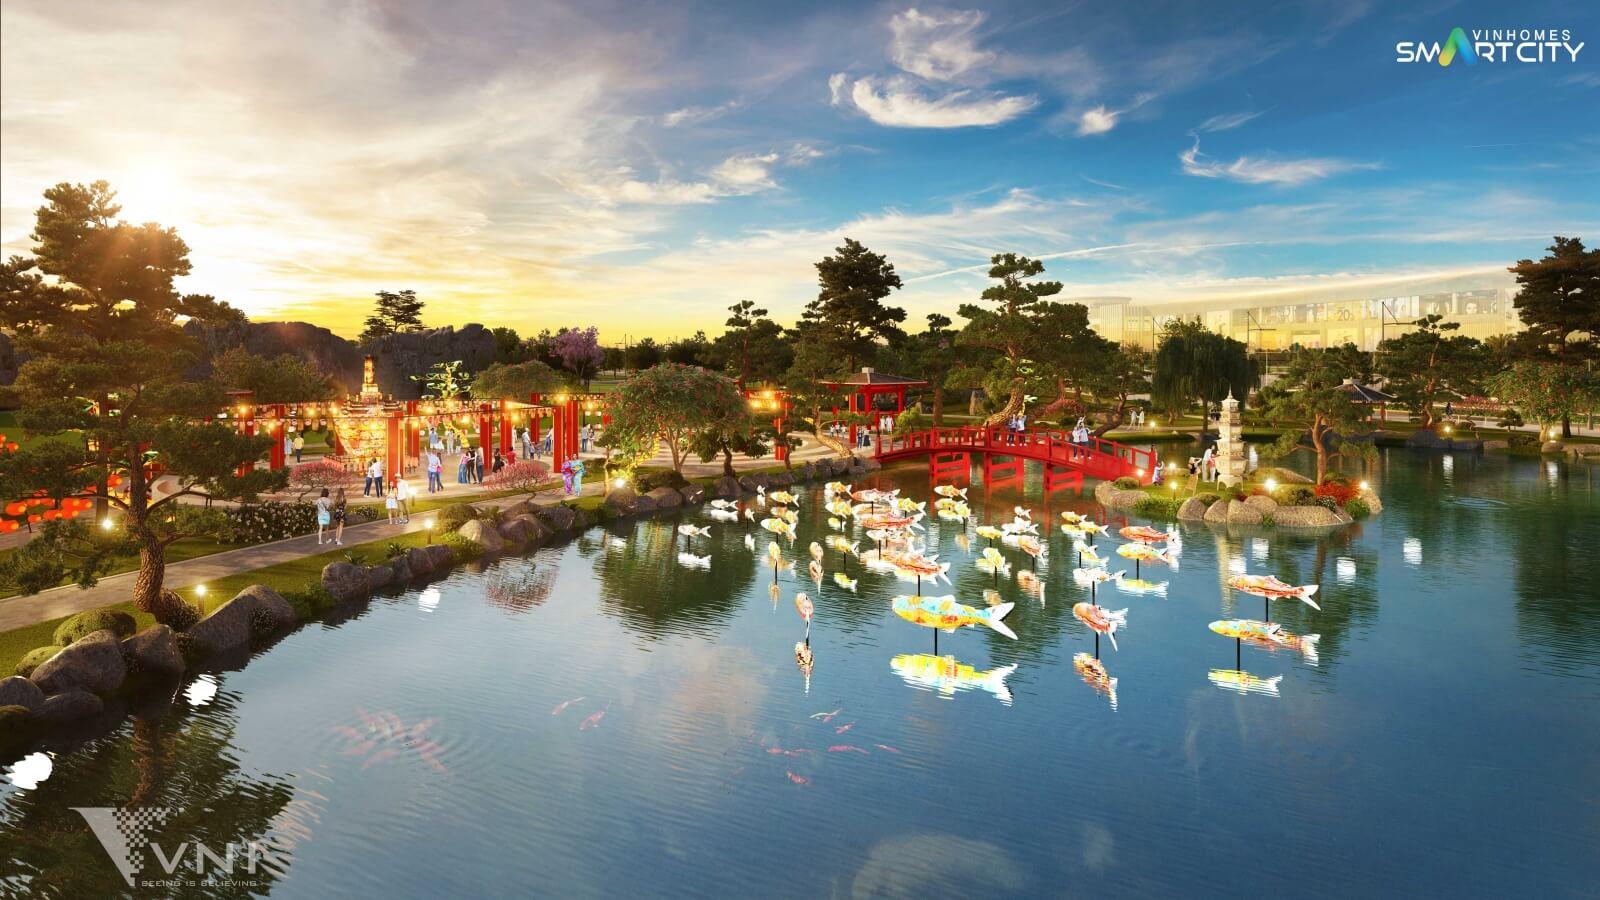 Hồ cá chép của Vinhomes Smart City Tây Mỗ